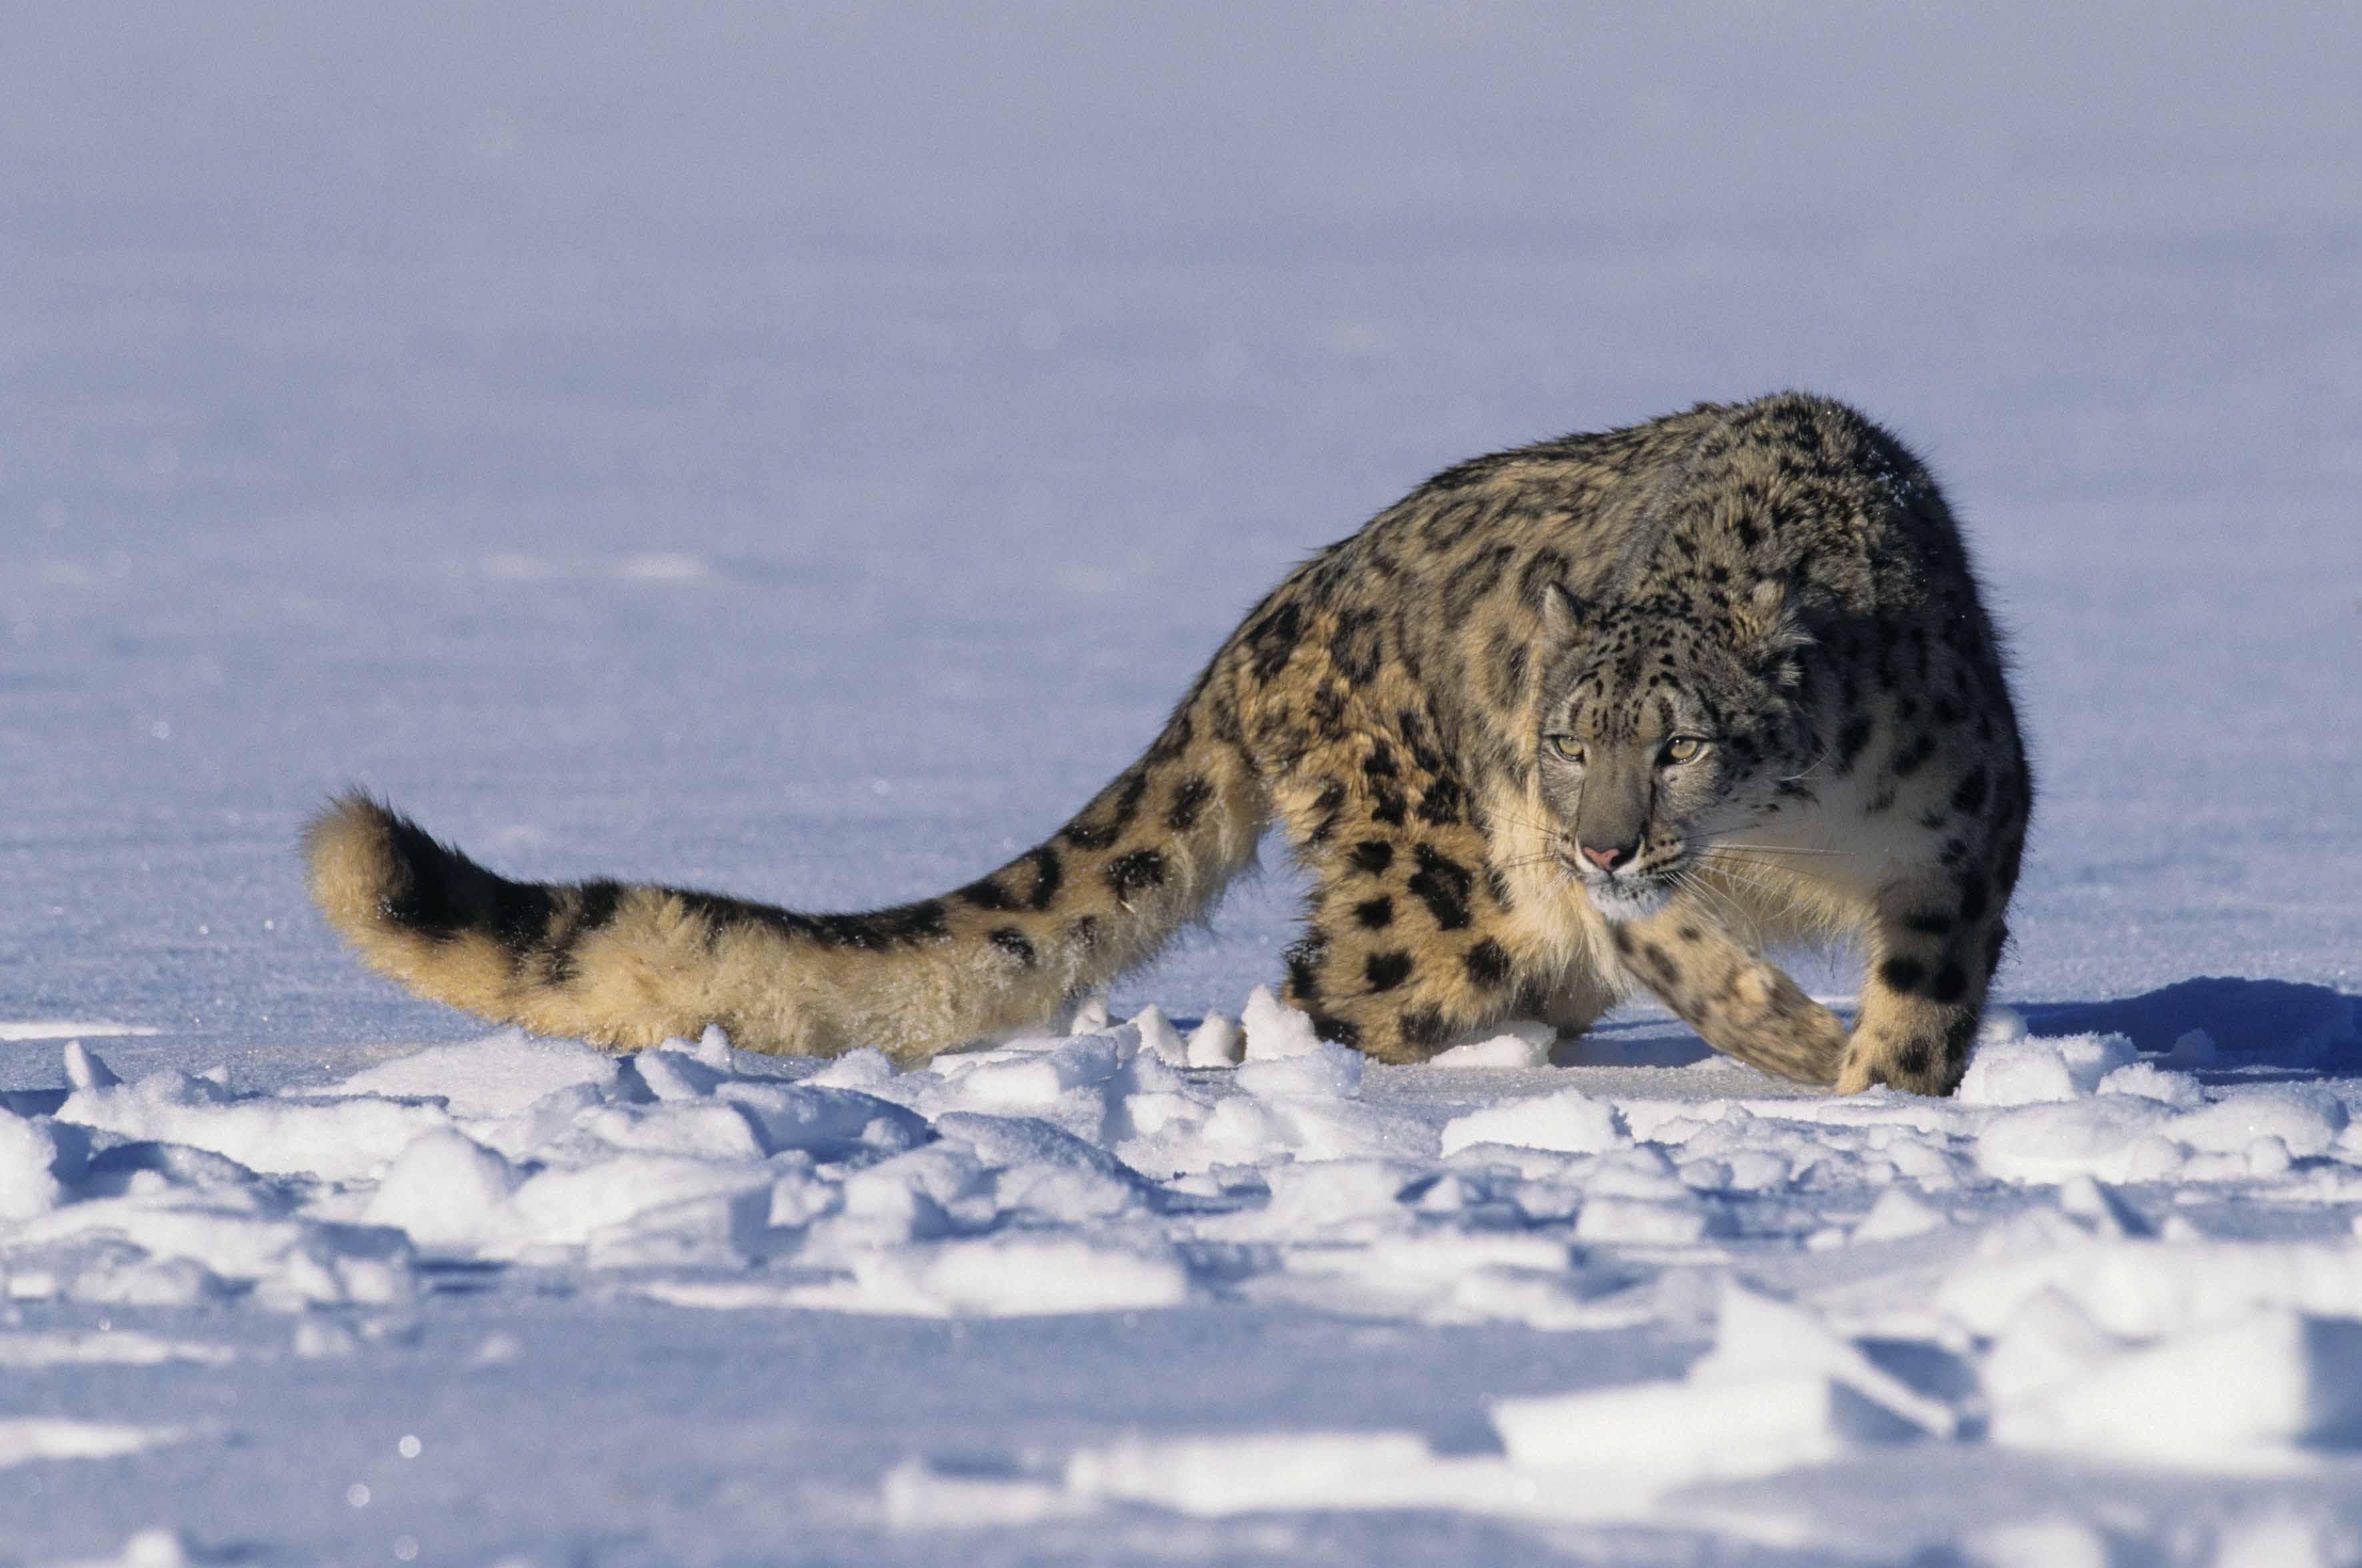 Con Dynafit, giornata scialpinistica all'Alpe Devero per la salvaguardia dei leopardi